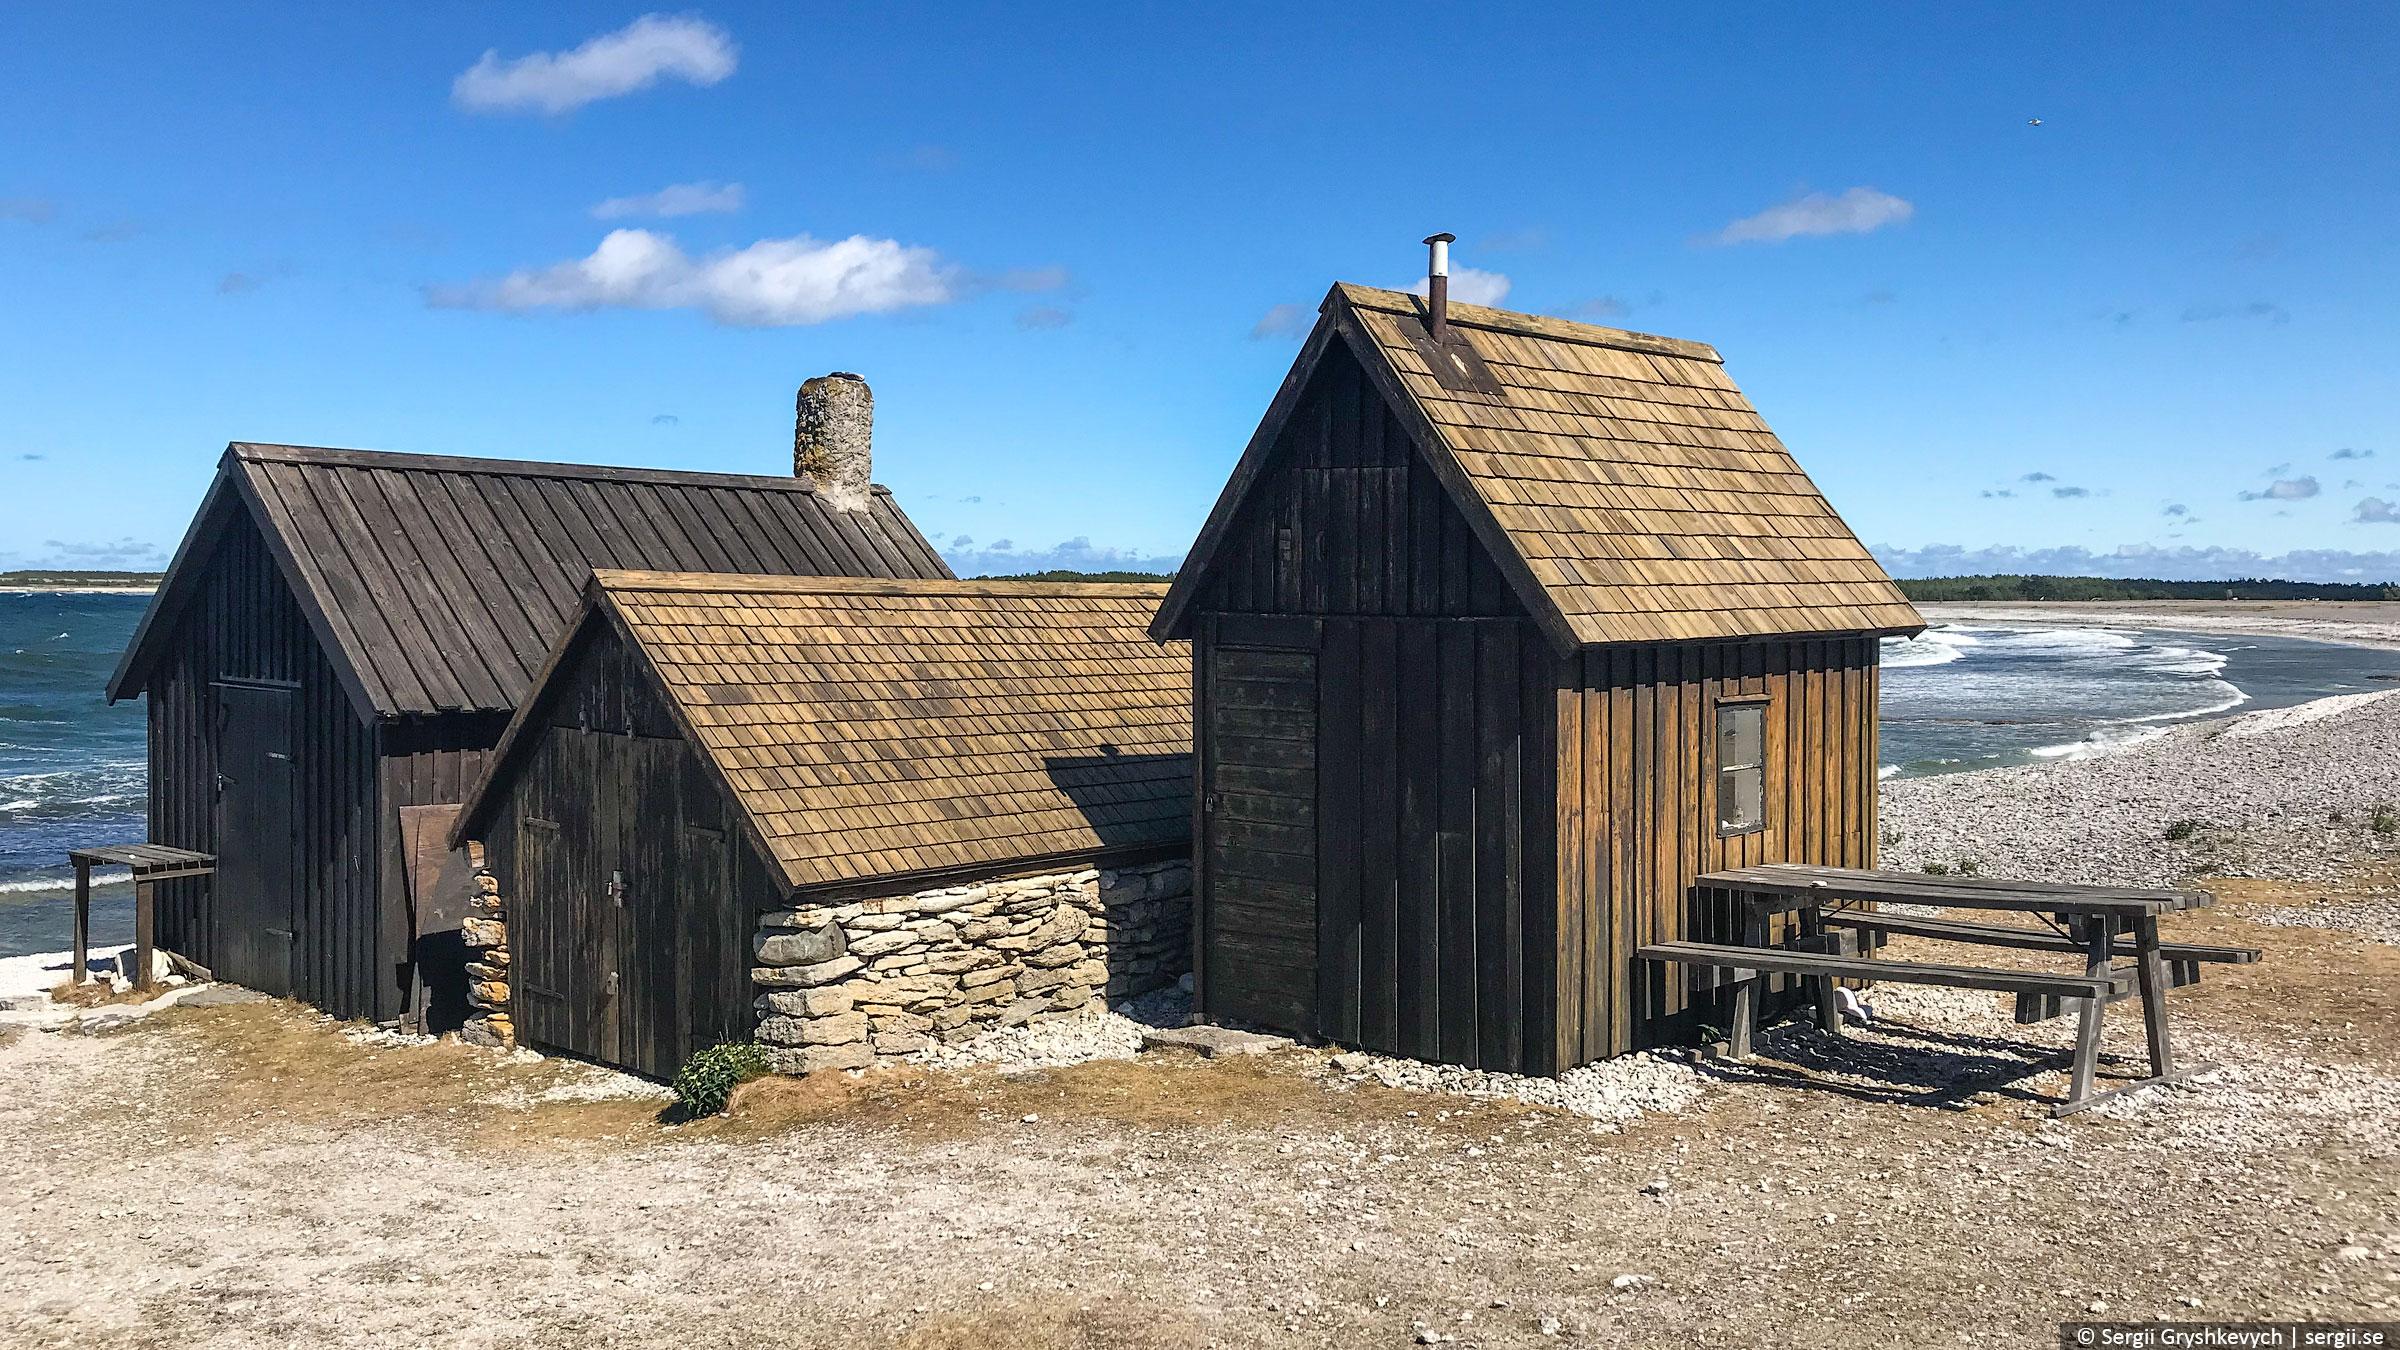 gotland-visby-sweden-2018-49